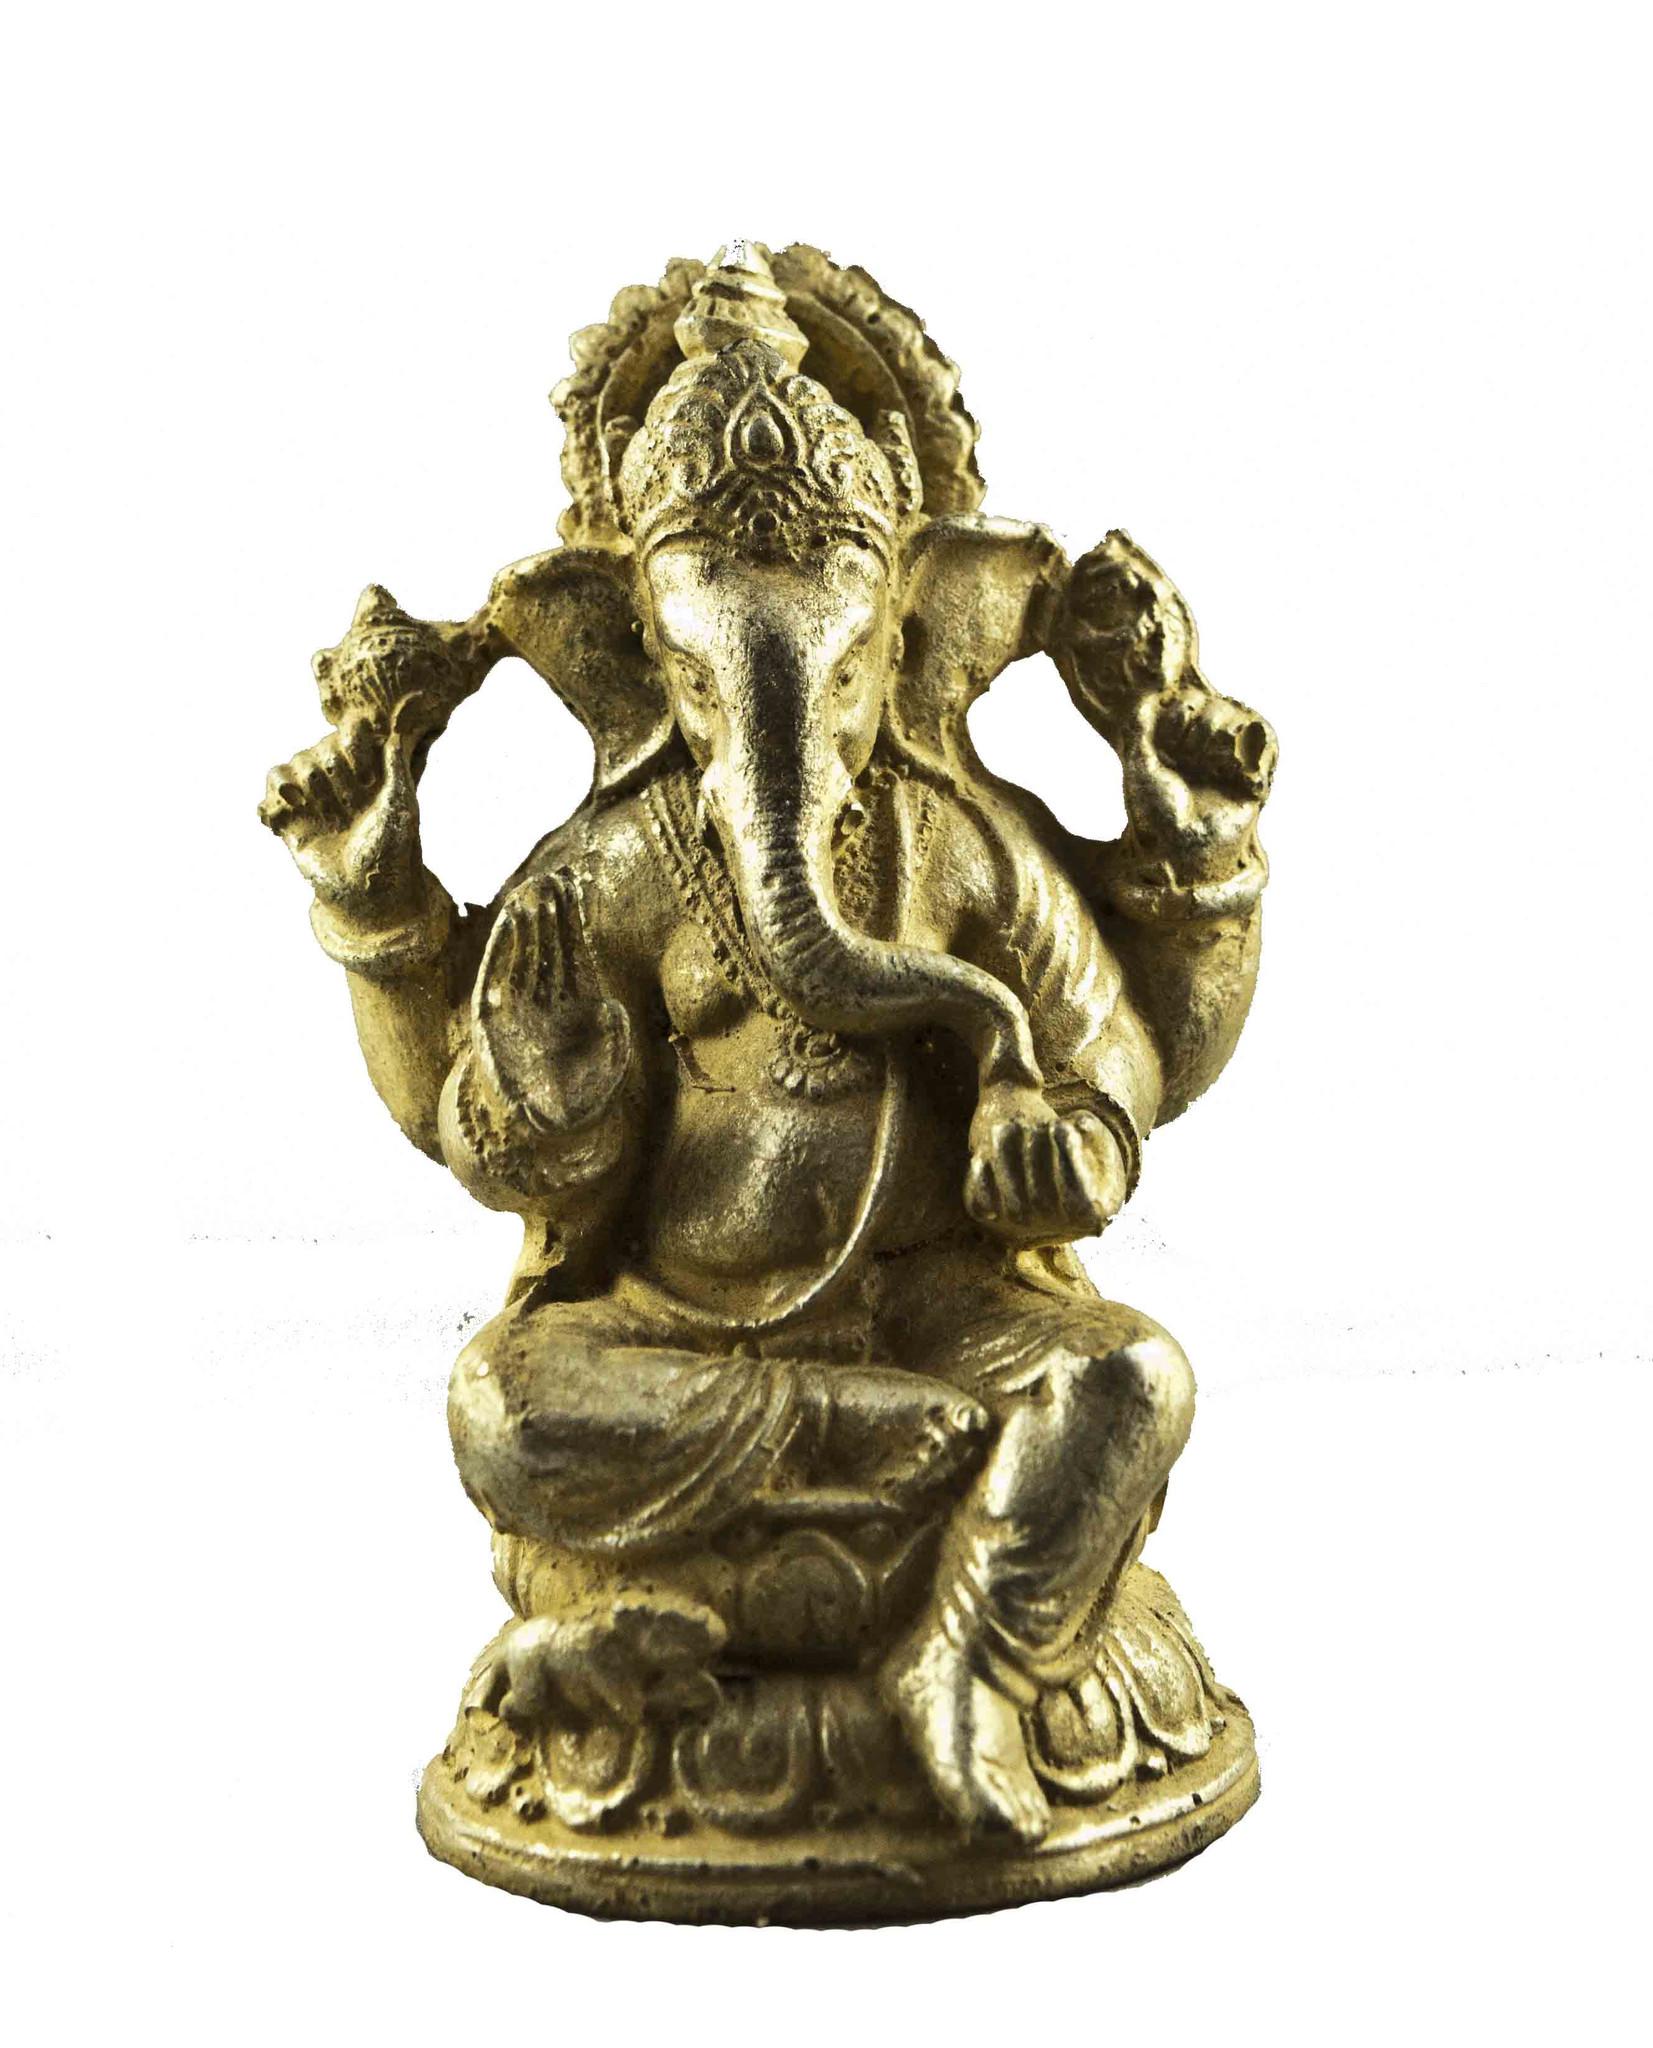 Idampuri Vinayaka Ganesha